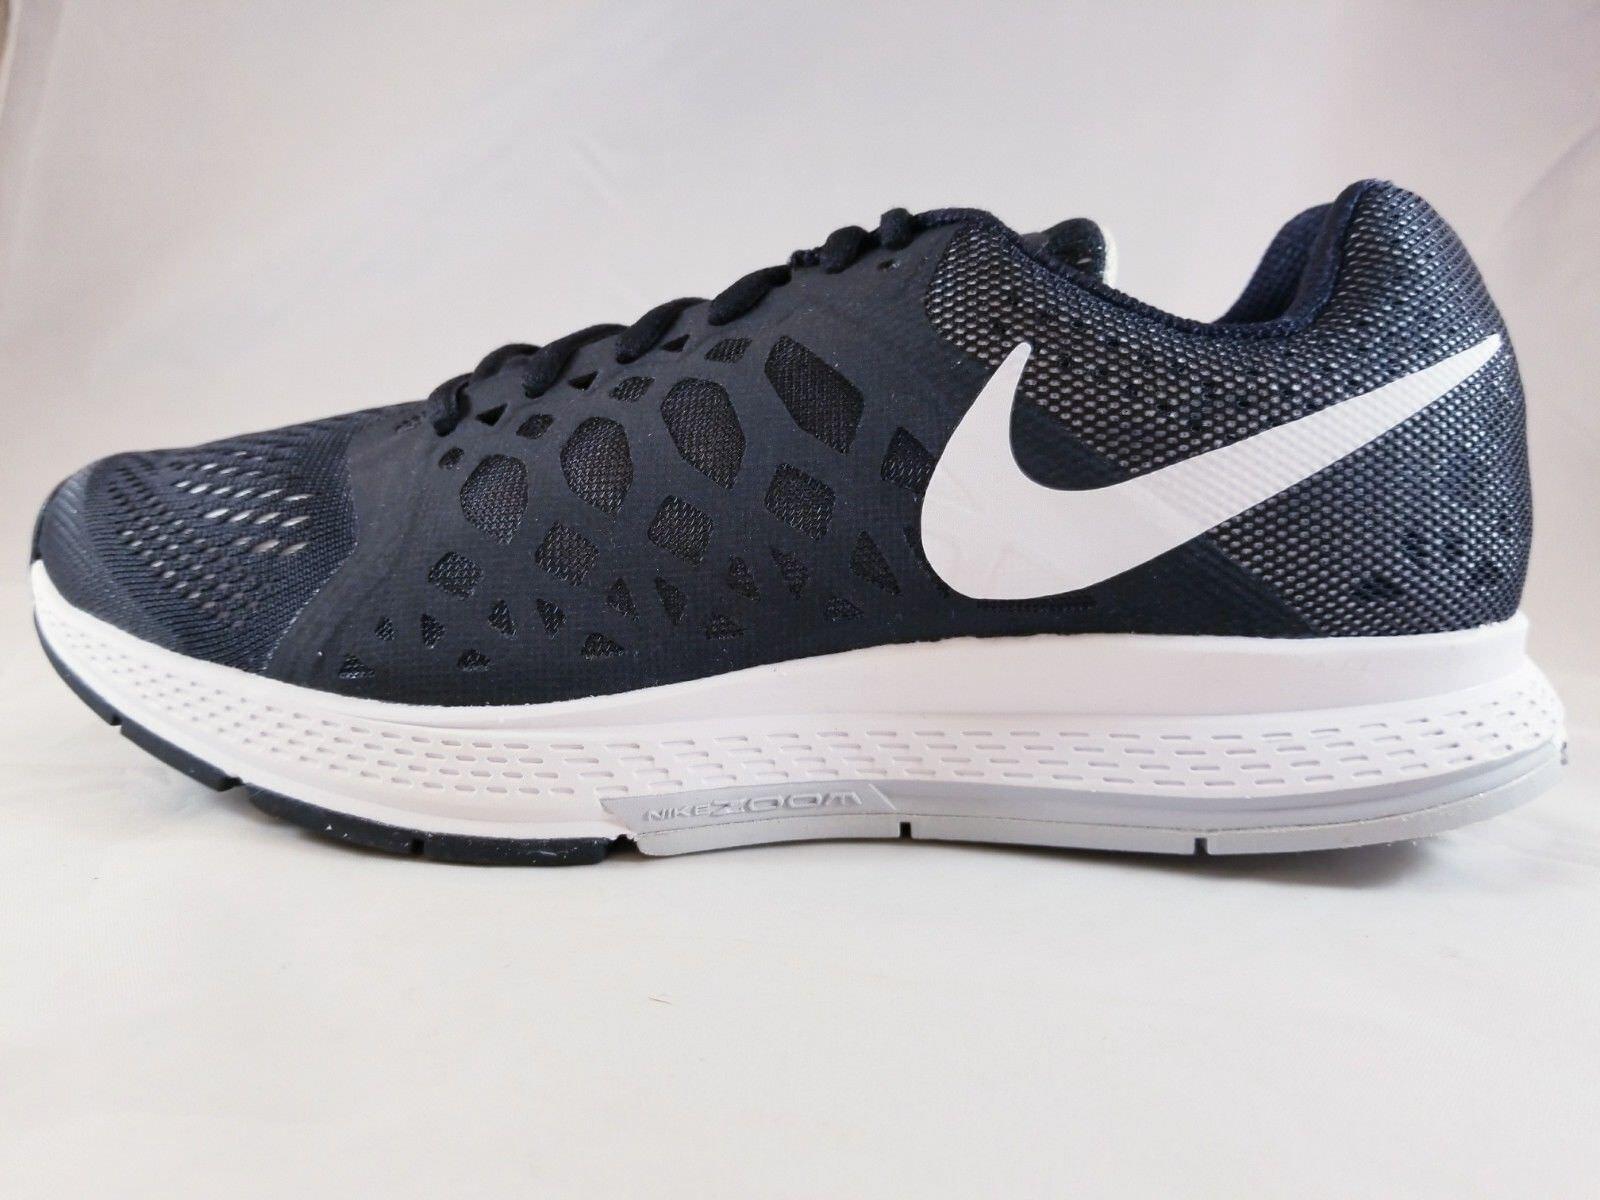 Nike Air Zoom Pegasus 31 Men's Running shoes 625925 010 Size 6.5